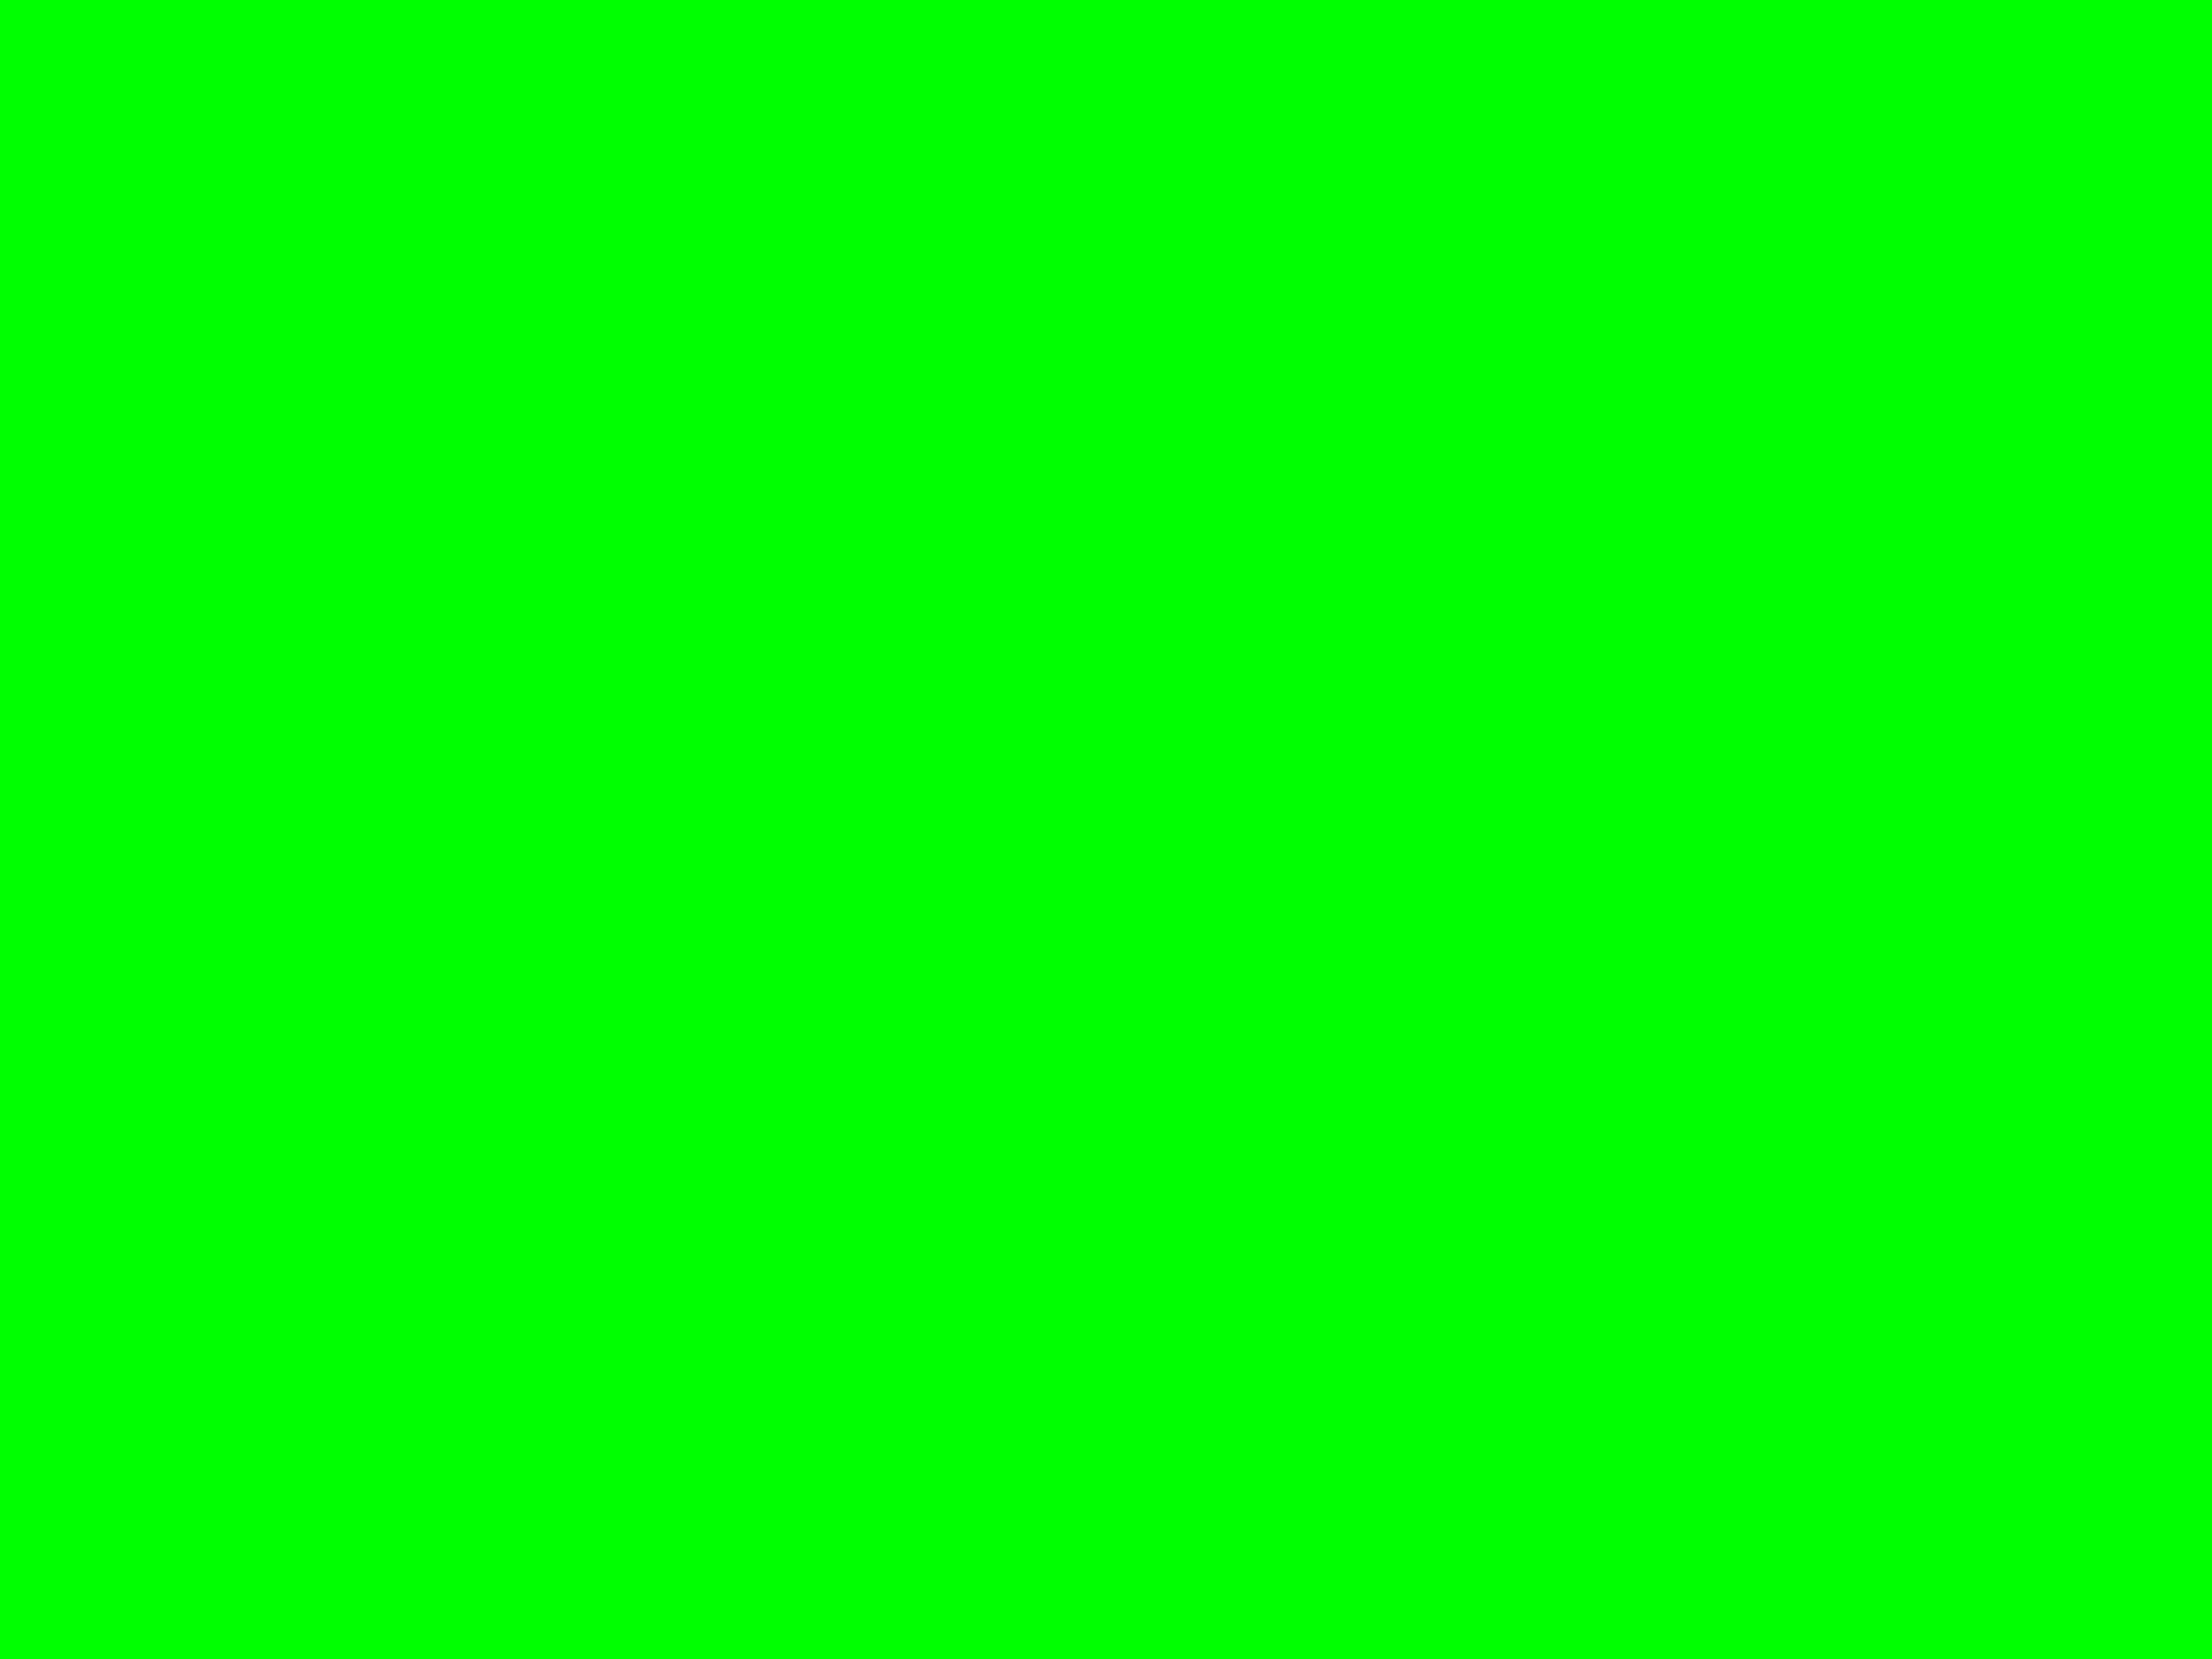 Ich sehe grün